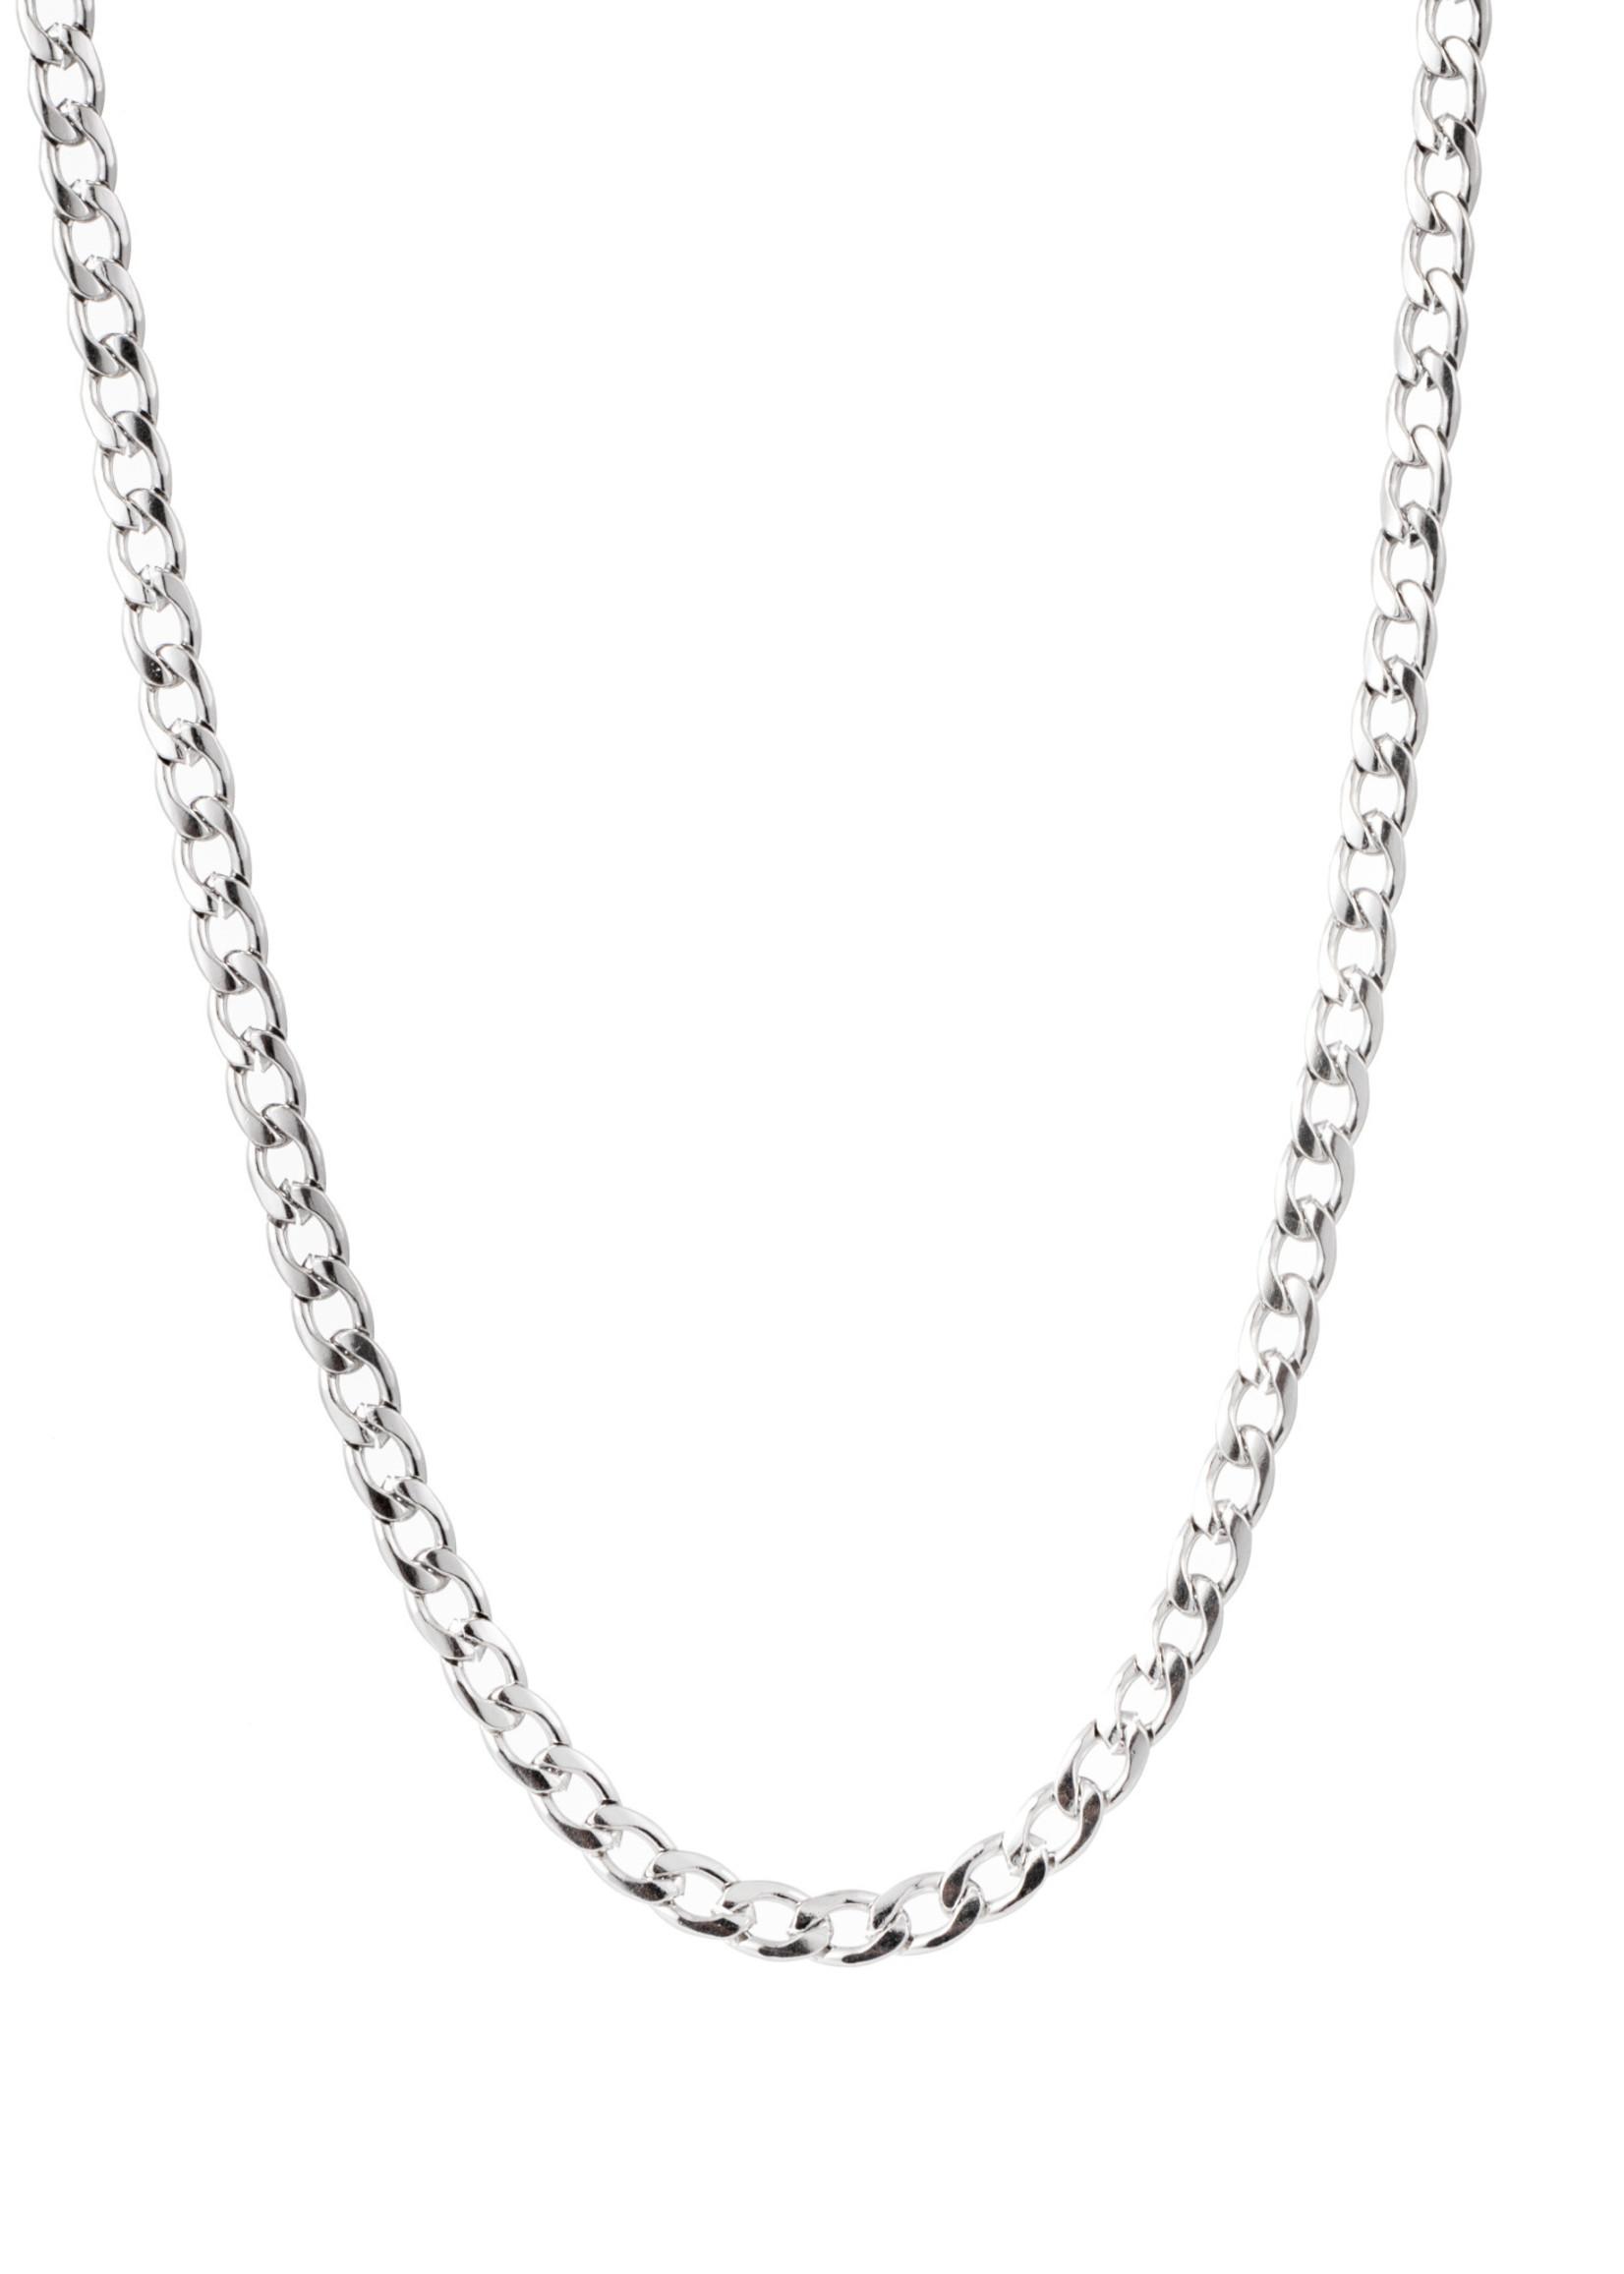 Ketting zilver fijne schakel  N1304-1